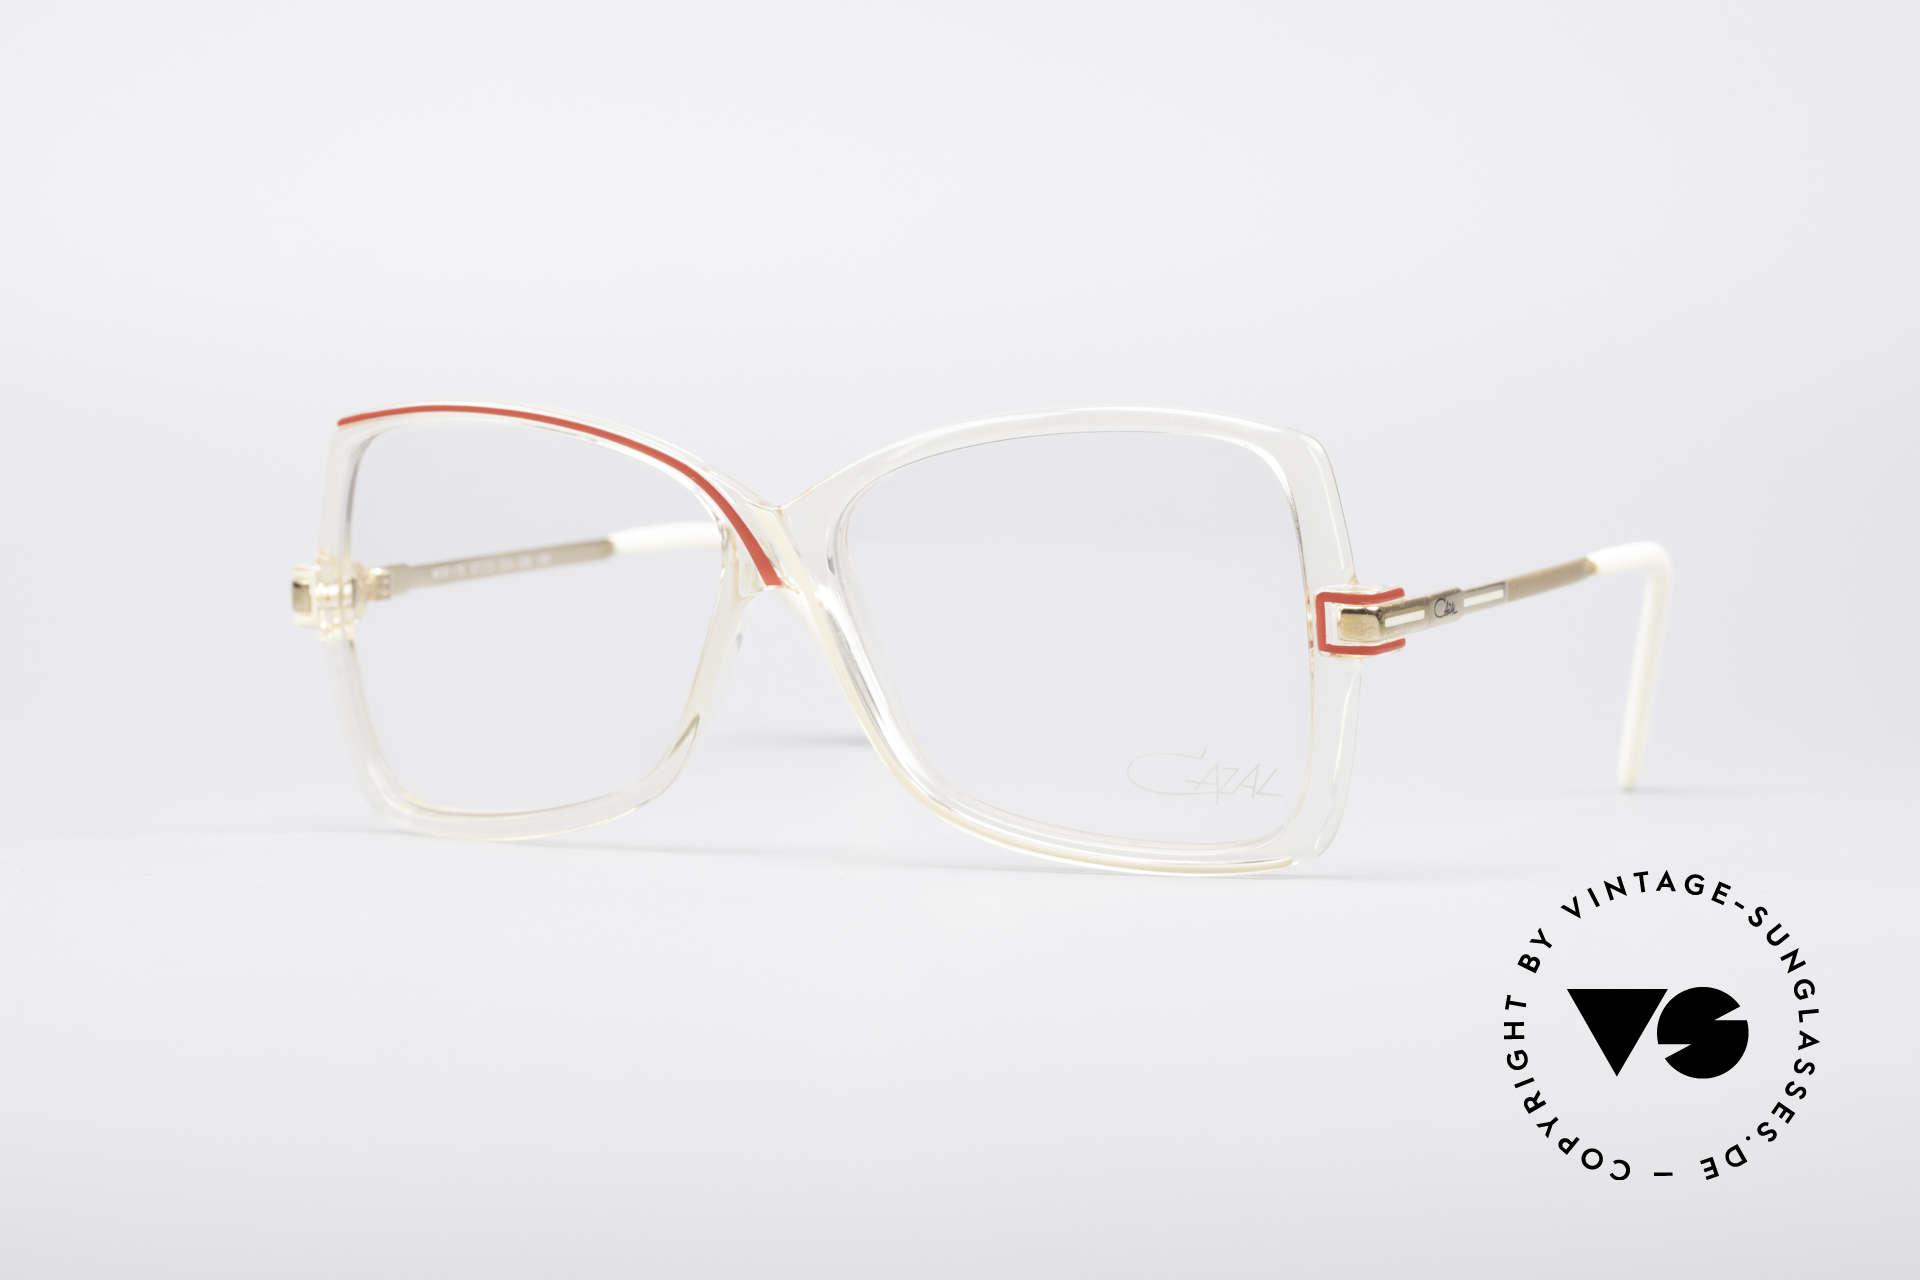 Cazal 175 Echt 80er Vintage Brille, echte vintage Brille von CAZAL aus den 1980ern, Passend für Damen